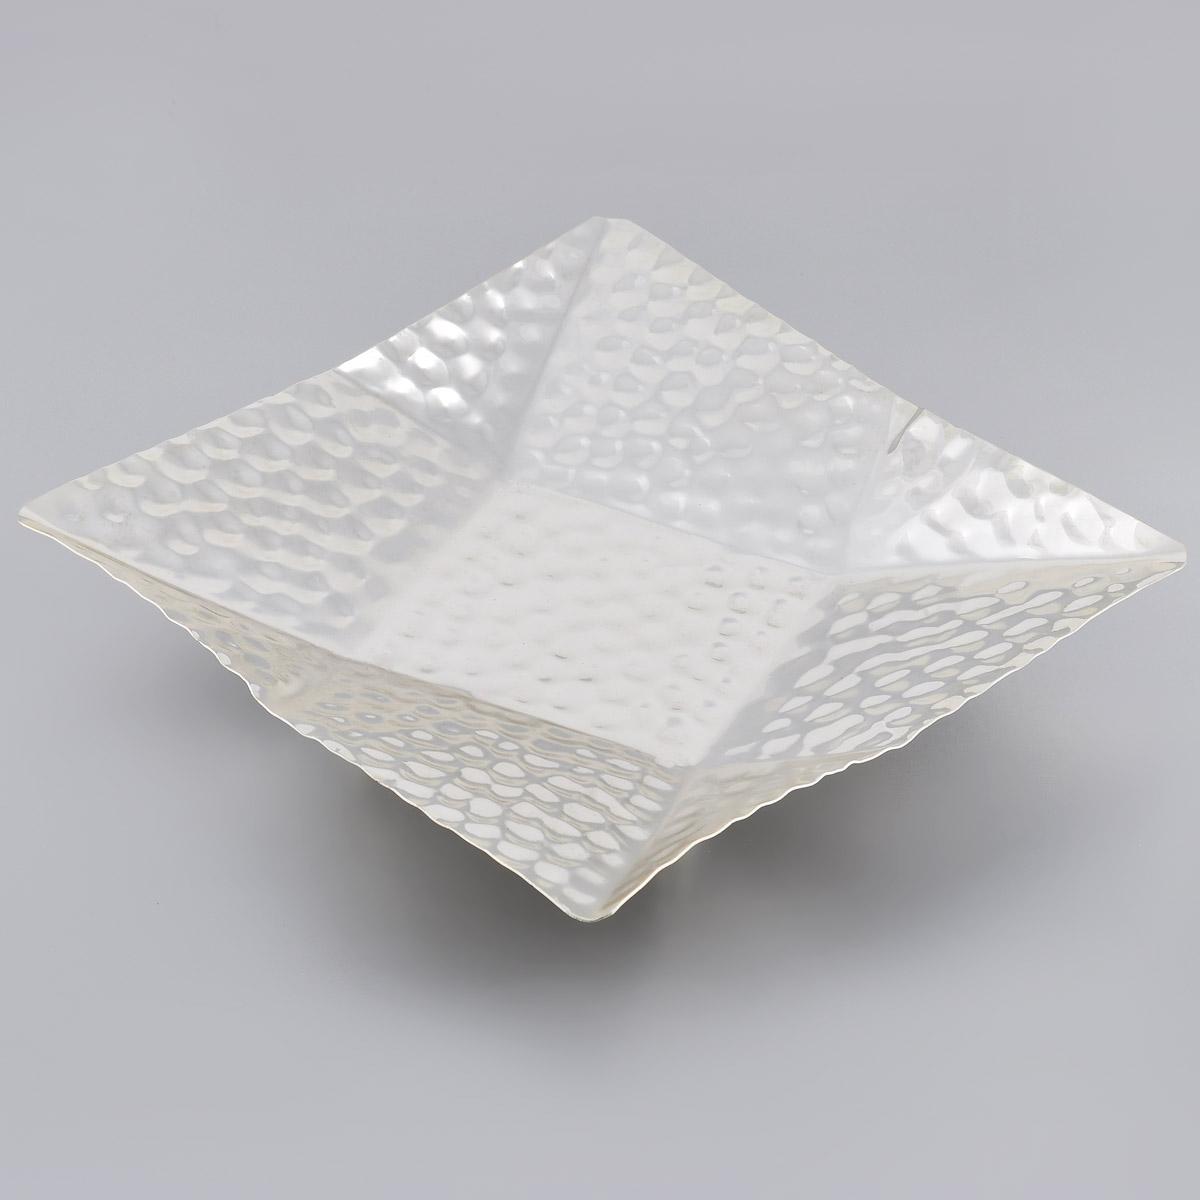 Ваза универсальная Marquis, 25 см х 25 см х 5 см7029-MRУниверсальная ваза Marquis изготовлена из стали с никель-серебряным покрытием и украшена оригинальным рельефом. Ваза прекрасно подойдет для хранения и подачи конфет, пирожных, фруктов и других продуктов. Такая ваза придется по вкусу и ценителям классики, и тем, кто предпочитает утонченность и изысканность. Она великолепно украсит праздничный стол и подчеркнет прекрасный вкус хозяина, а также станет отличным подарком.